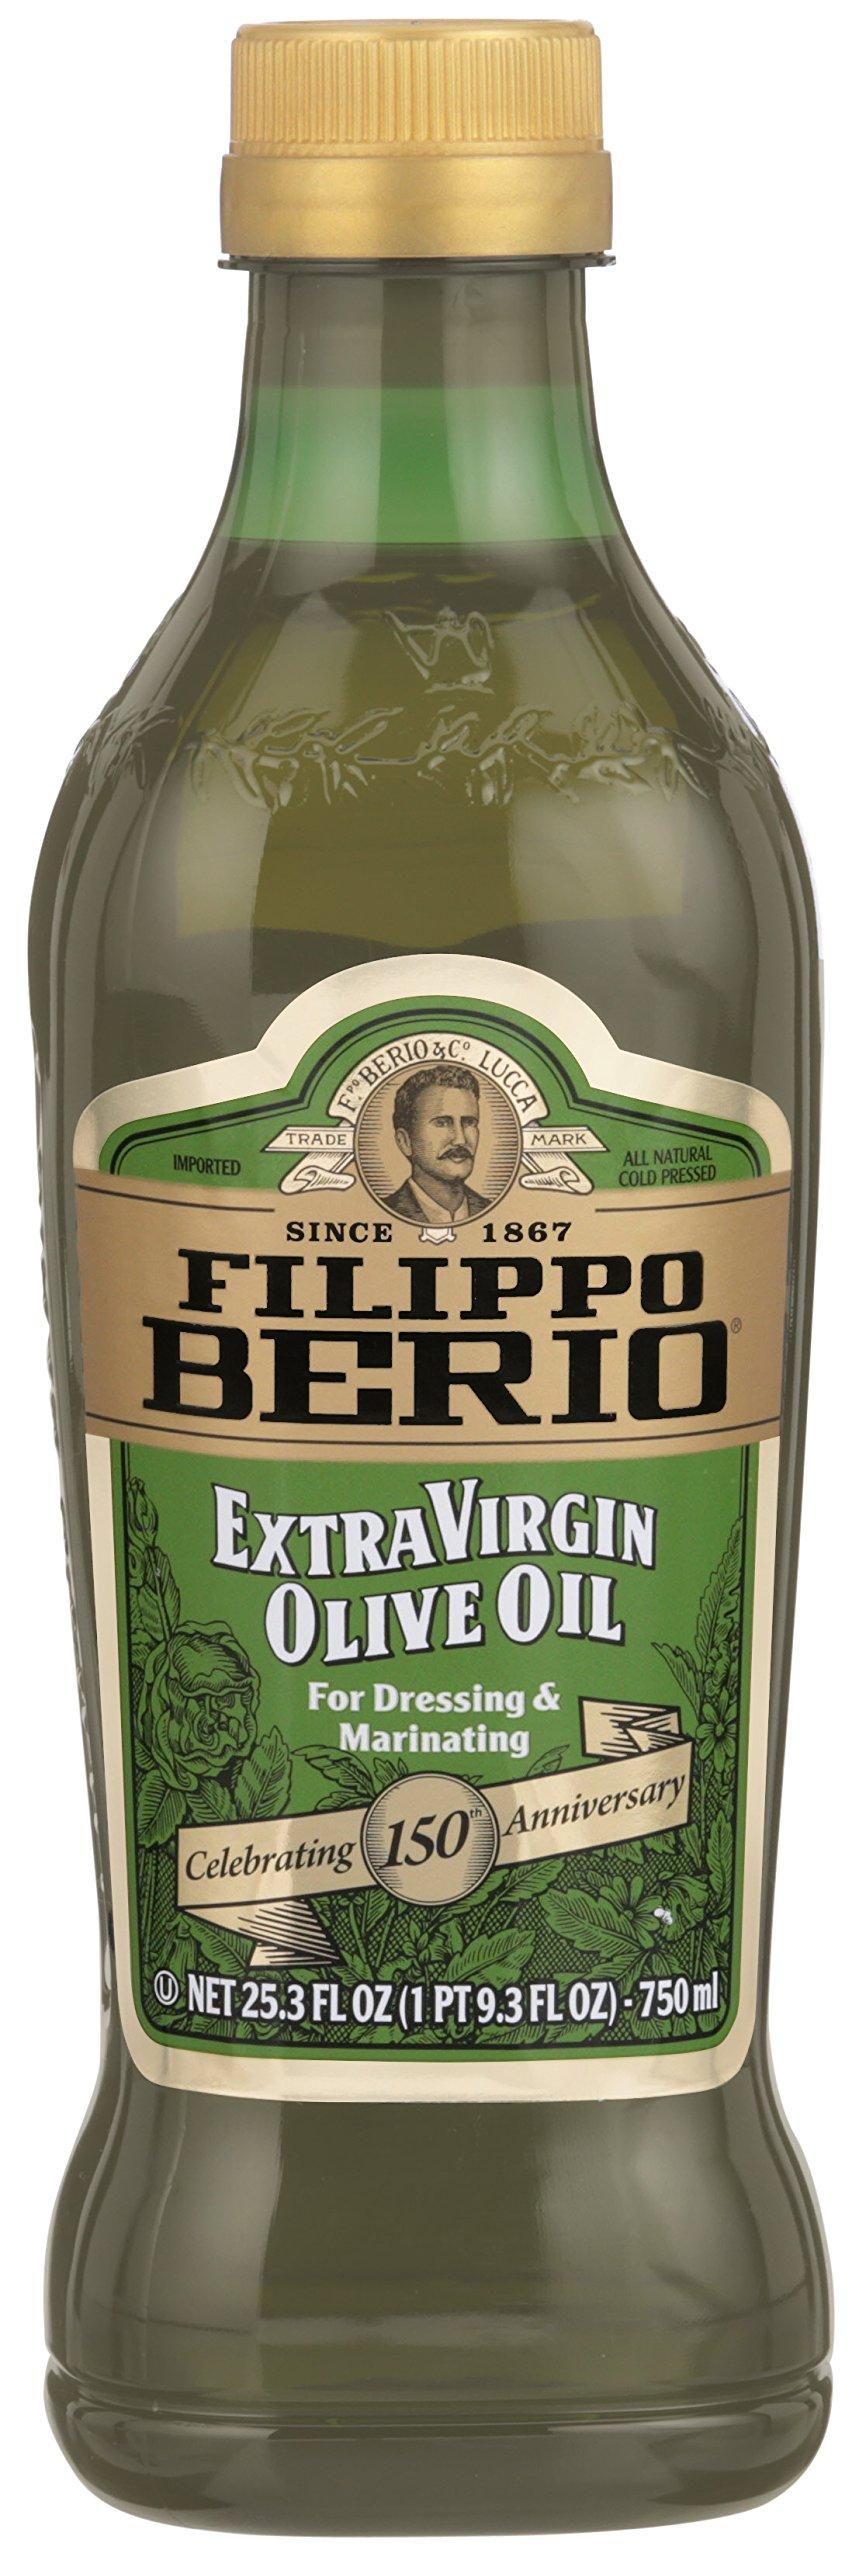 Filippo Berio Extra Virgin Olive Oil, 25.3-Ounce by Filippo Berio (Image #1)